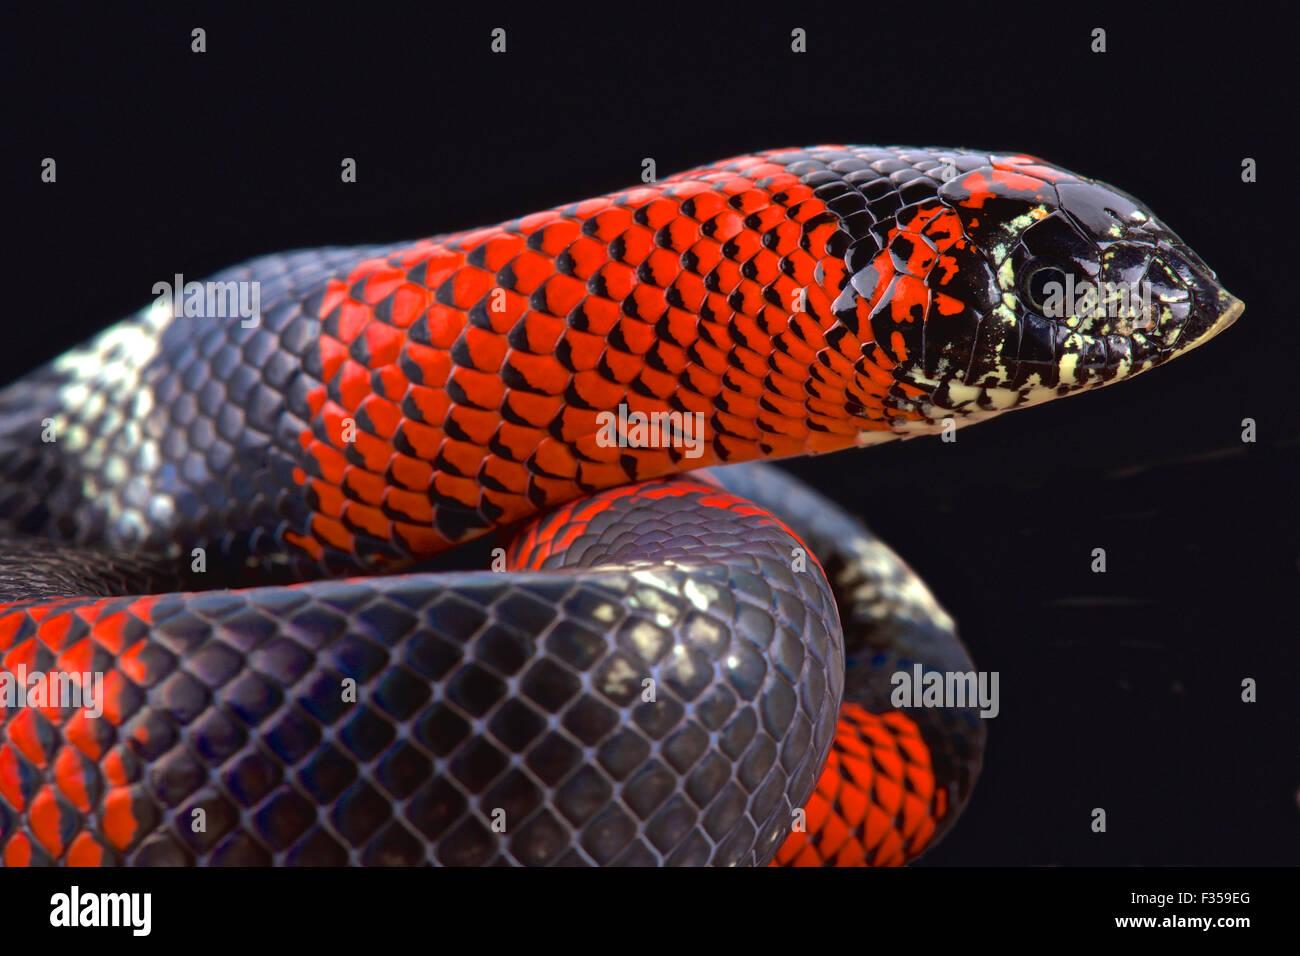 Dreifarbige Hognose Schlange (Lystrophis Pulcher) Stockbild